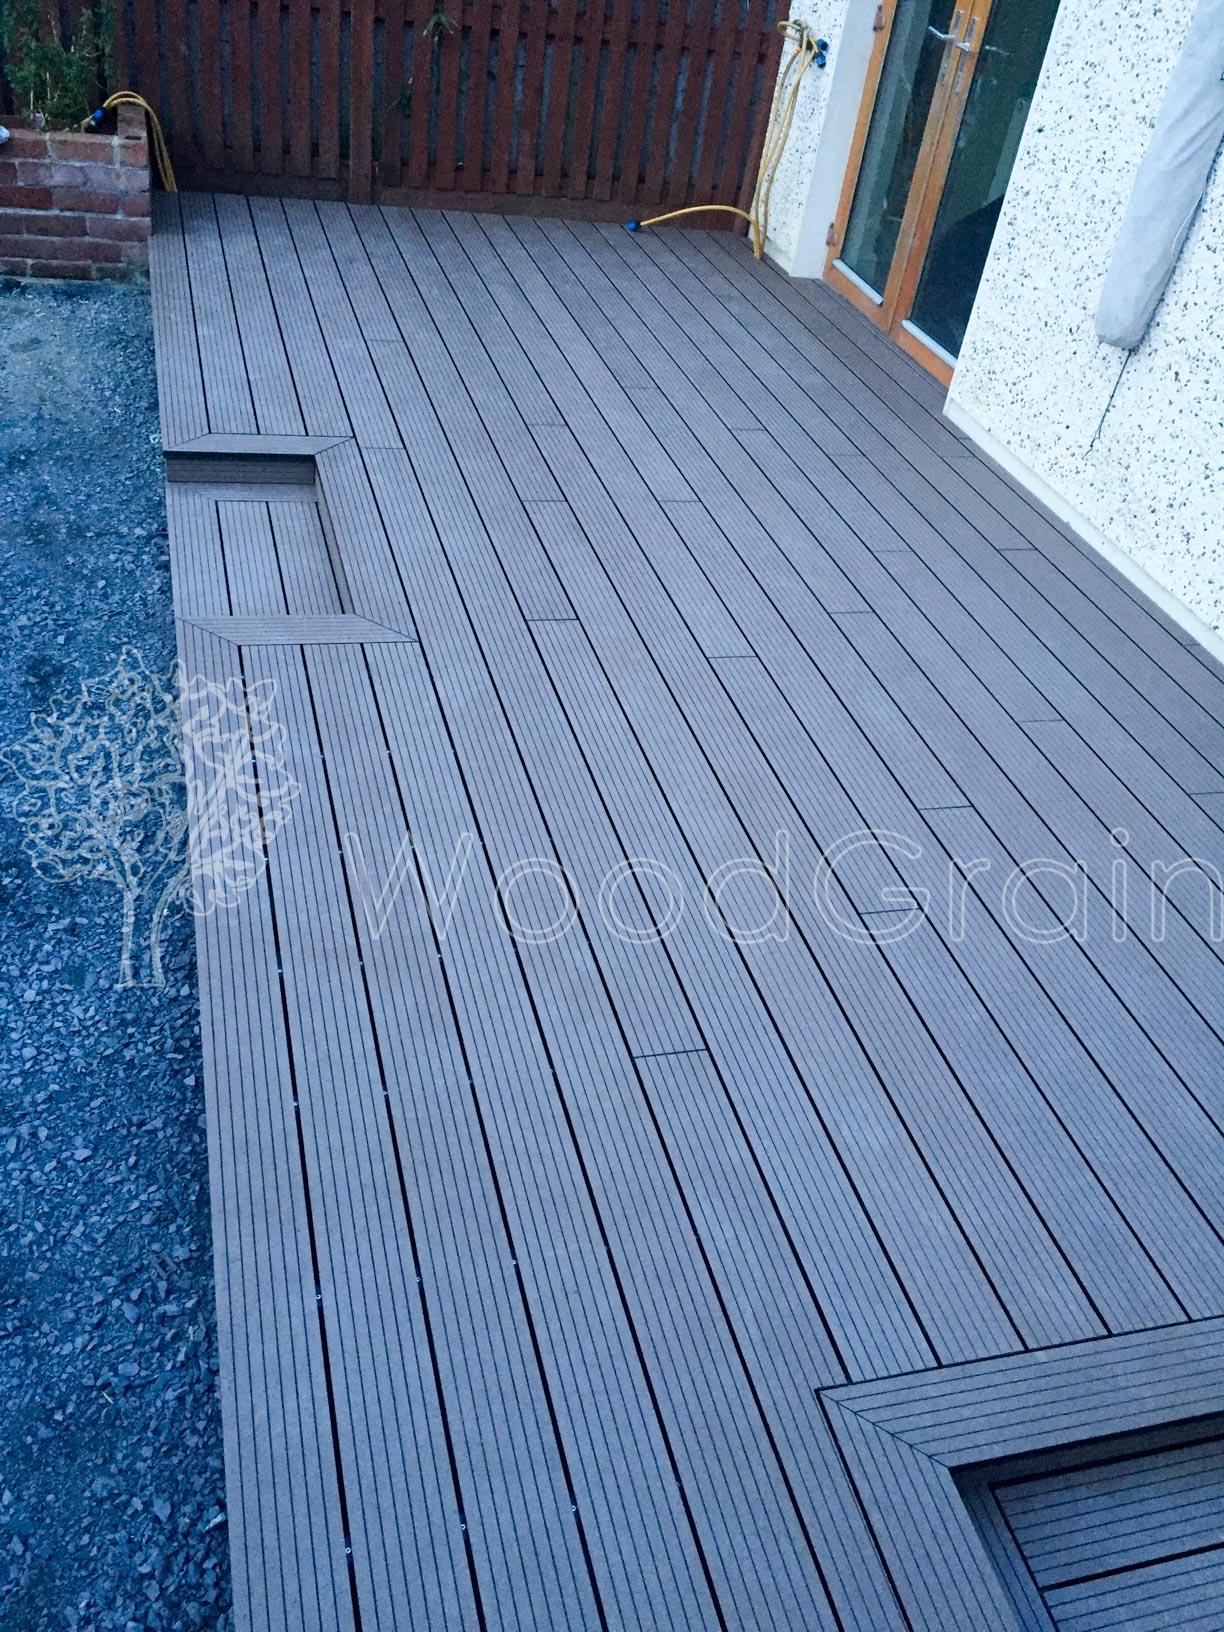 Composite decking reviews capped composite decking for Composite decking reviews